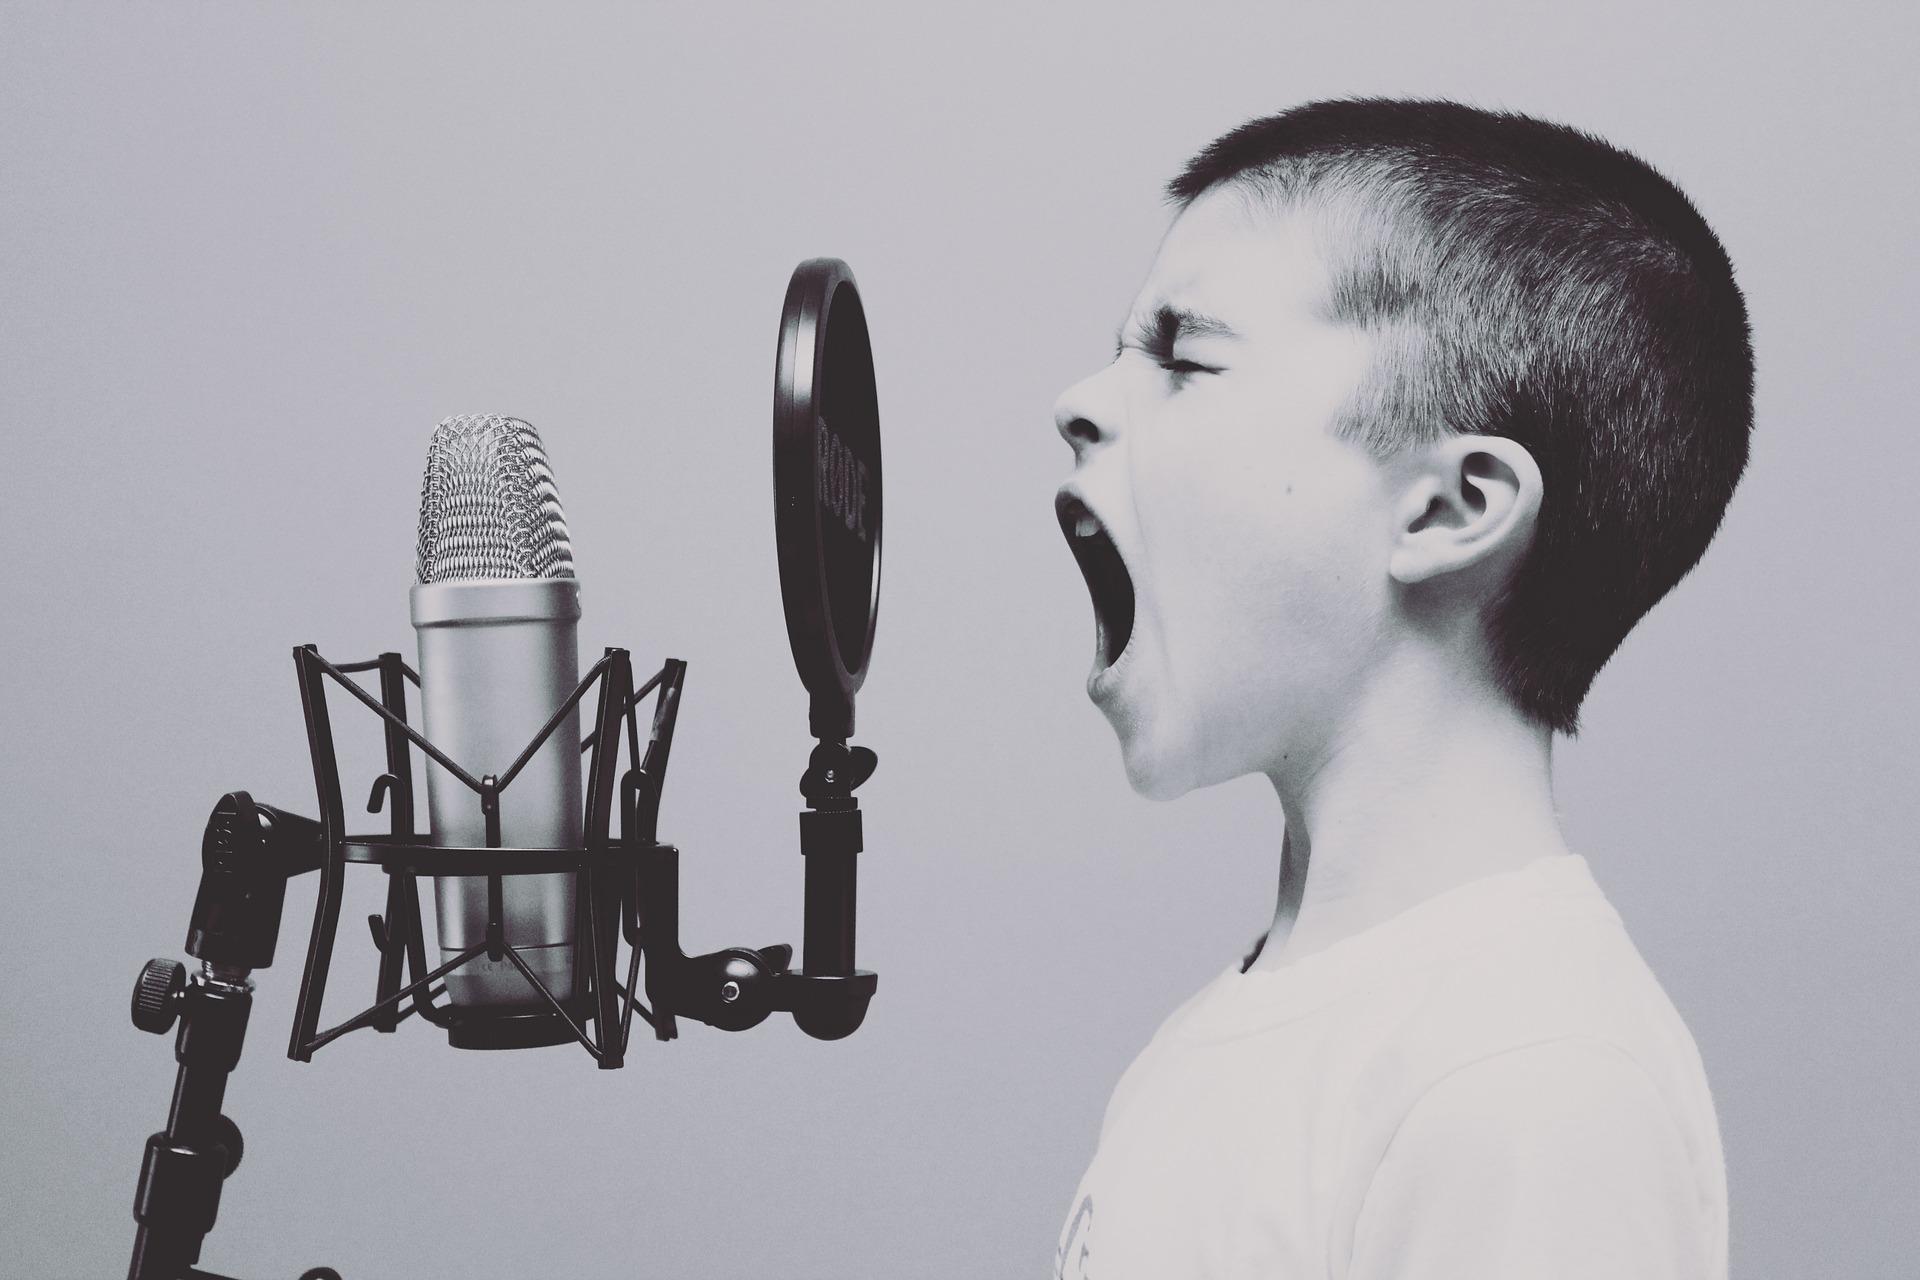 Η επίδραση της μουσικής εκπαίδευσης στη μνημονική λειτουργία παιδιών σχολικής ηλικίας